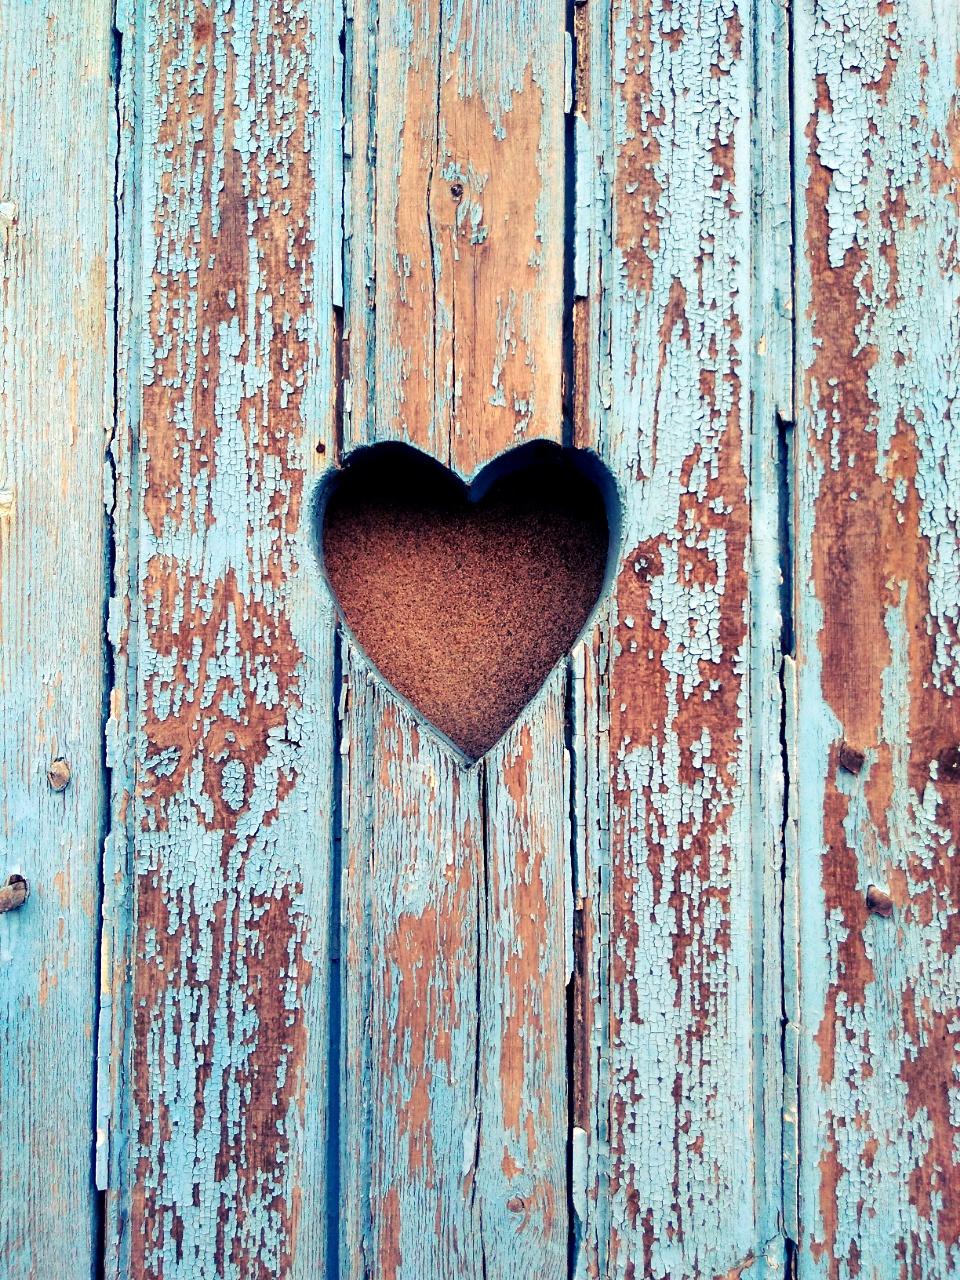 un volet en bois peint en bleu mais dont la peinture est très écaillée et percé d'un trou en forme de coeur